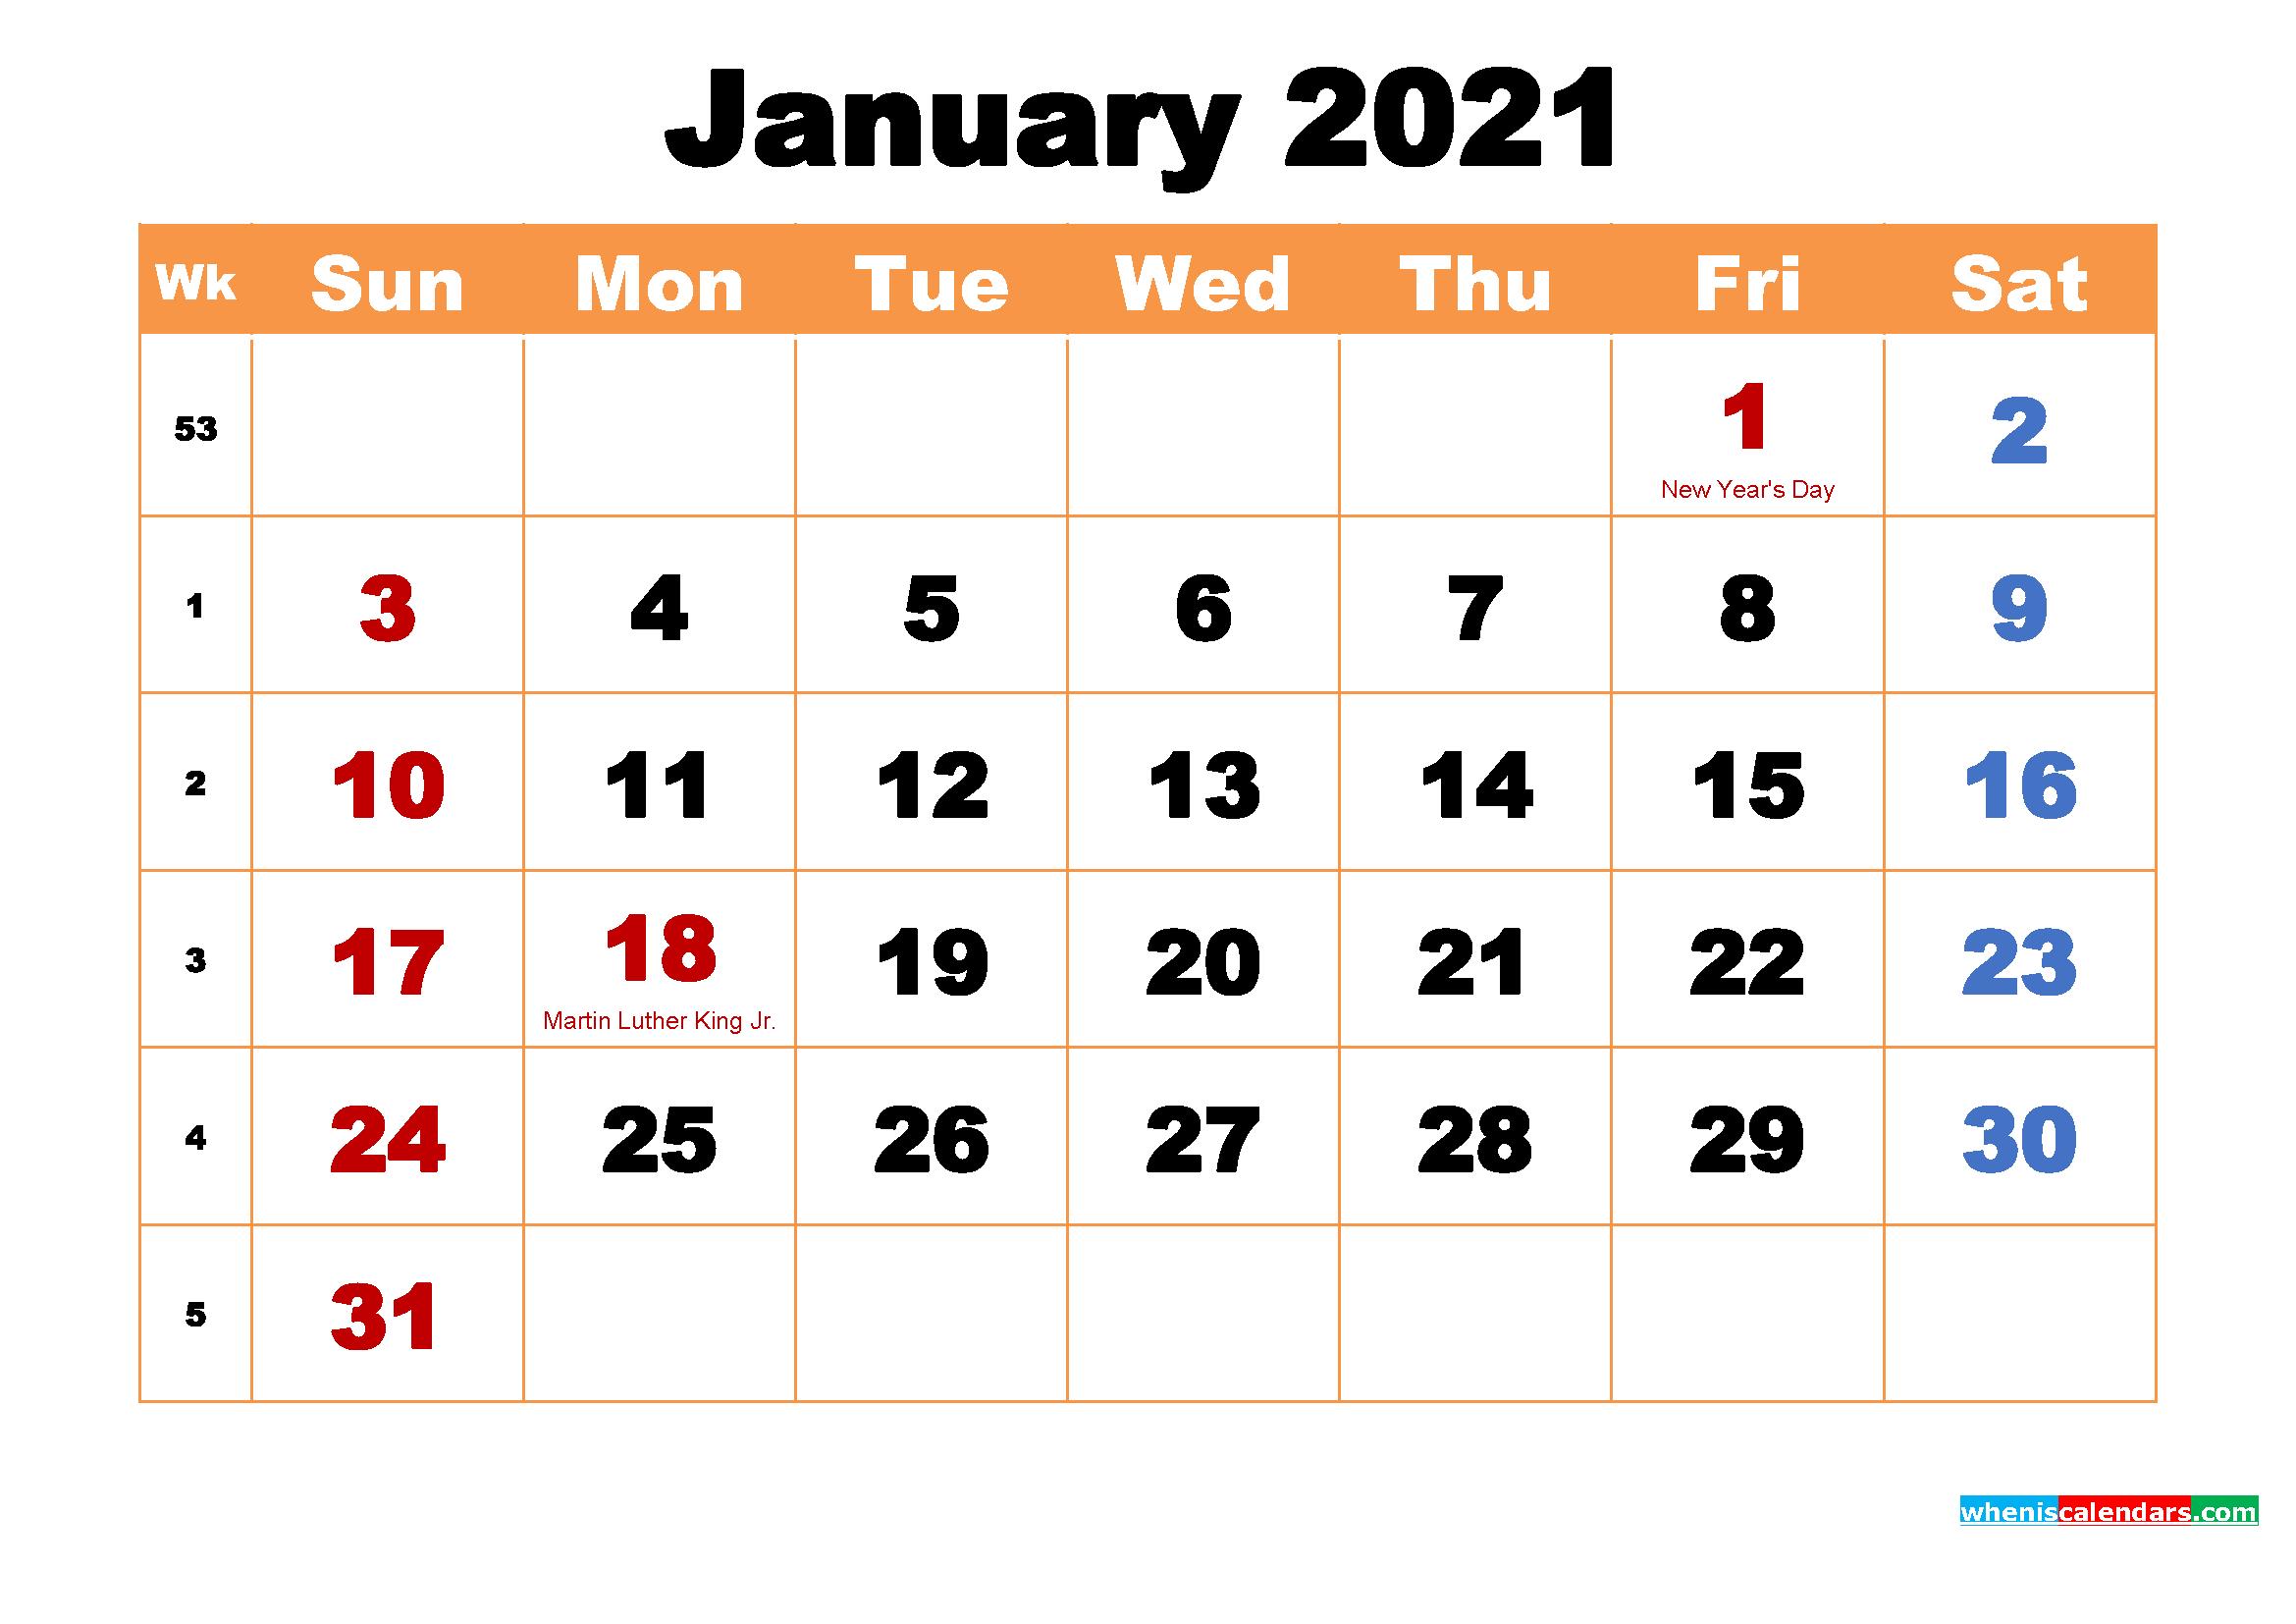 January 2021 Calendar Wallpaper High Resolution 2339x1654